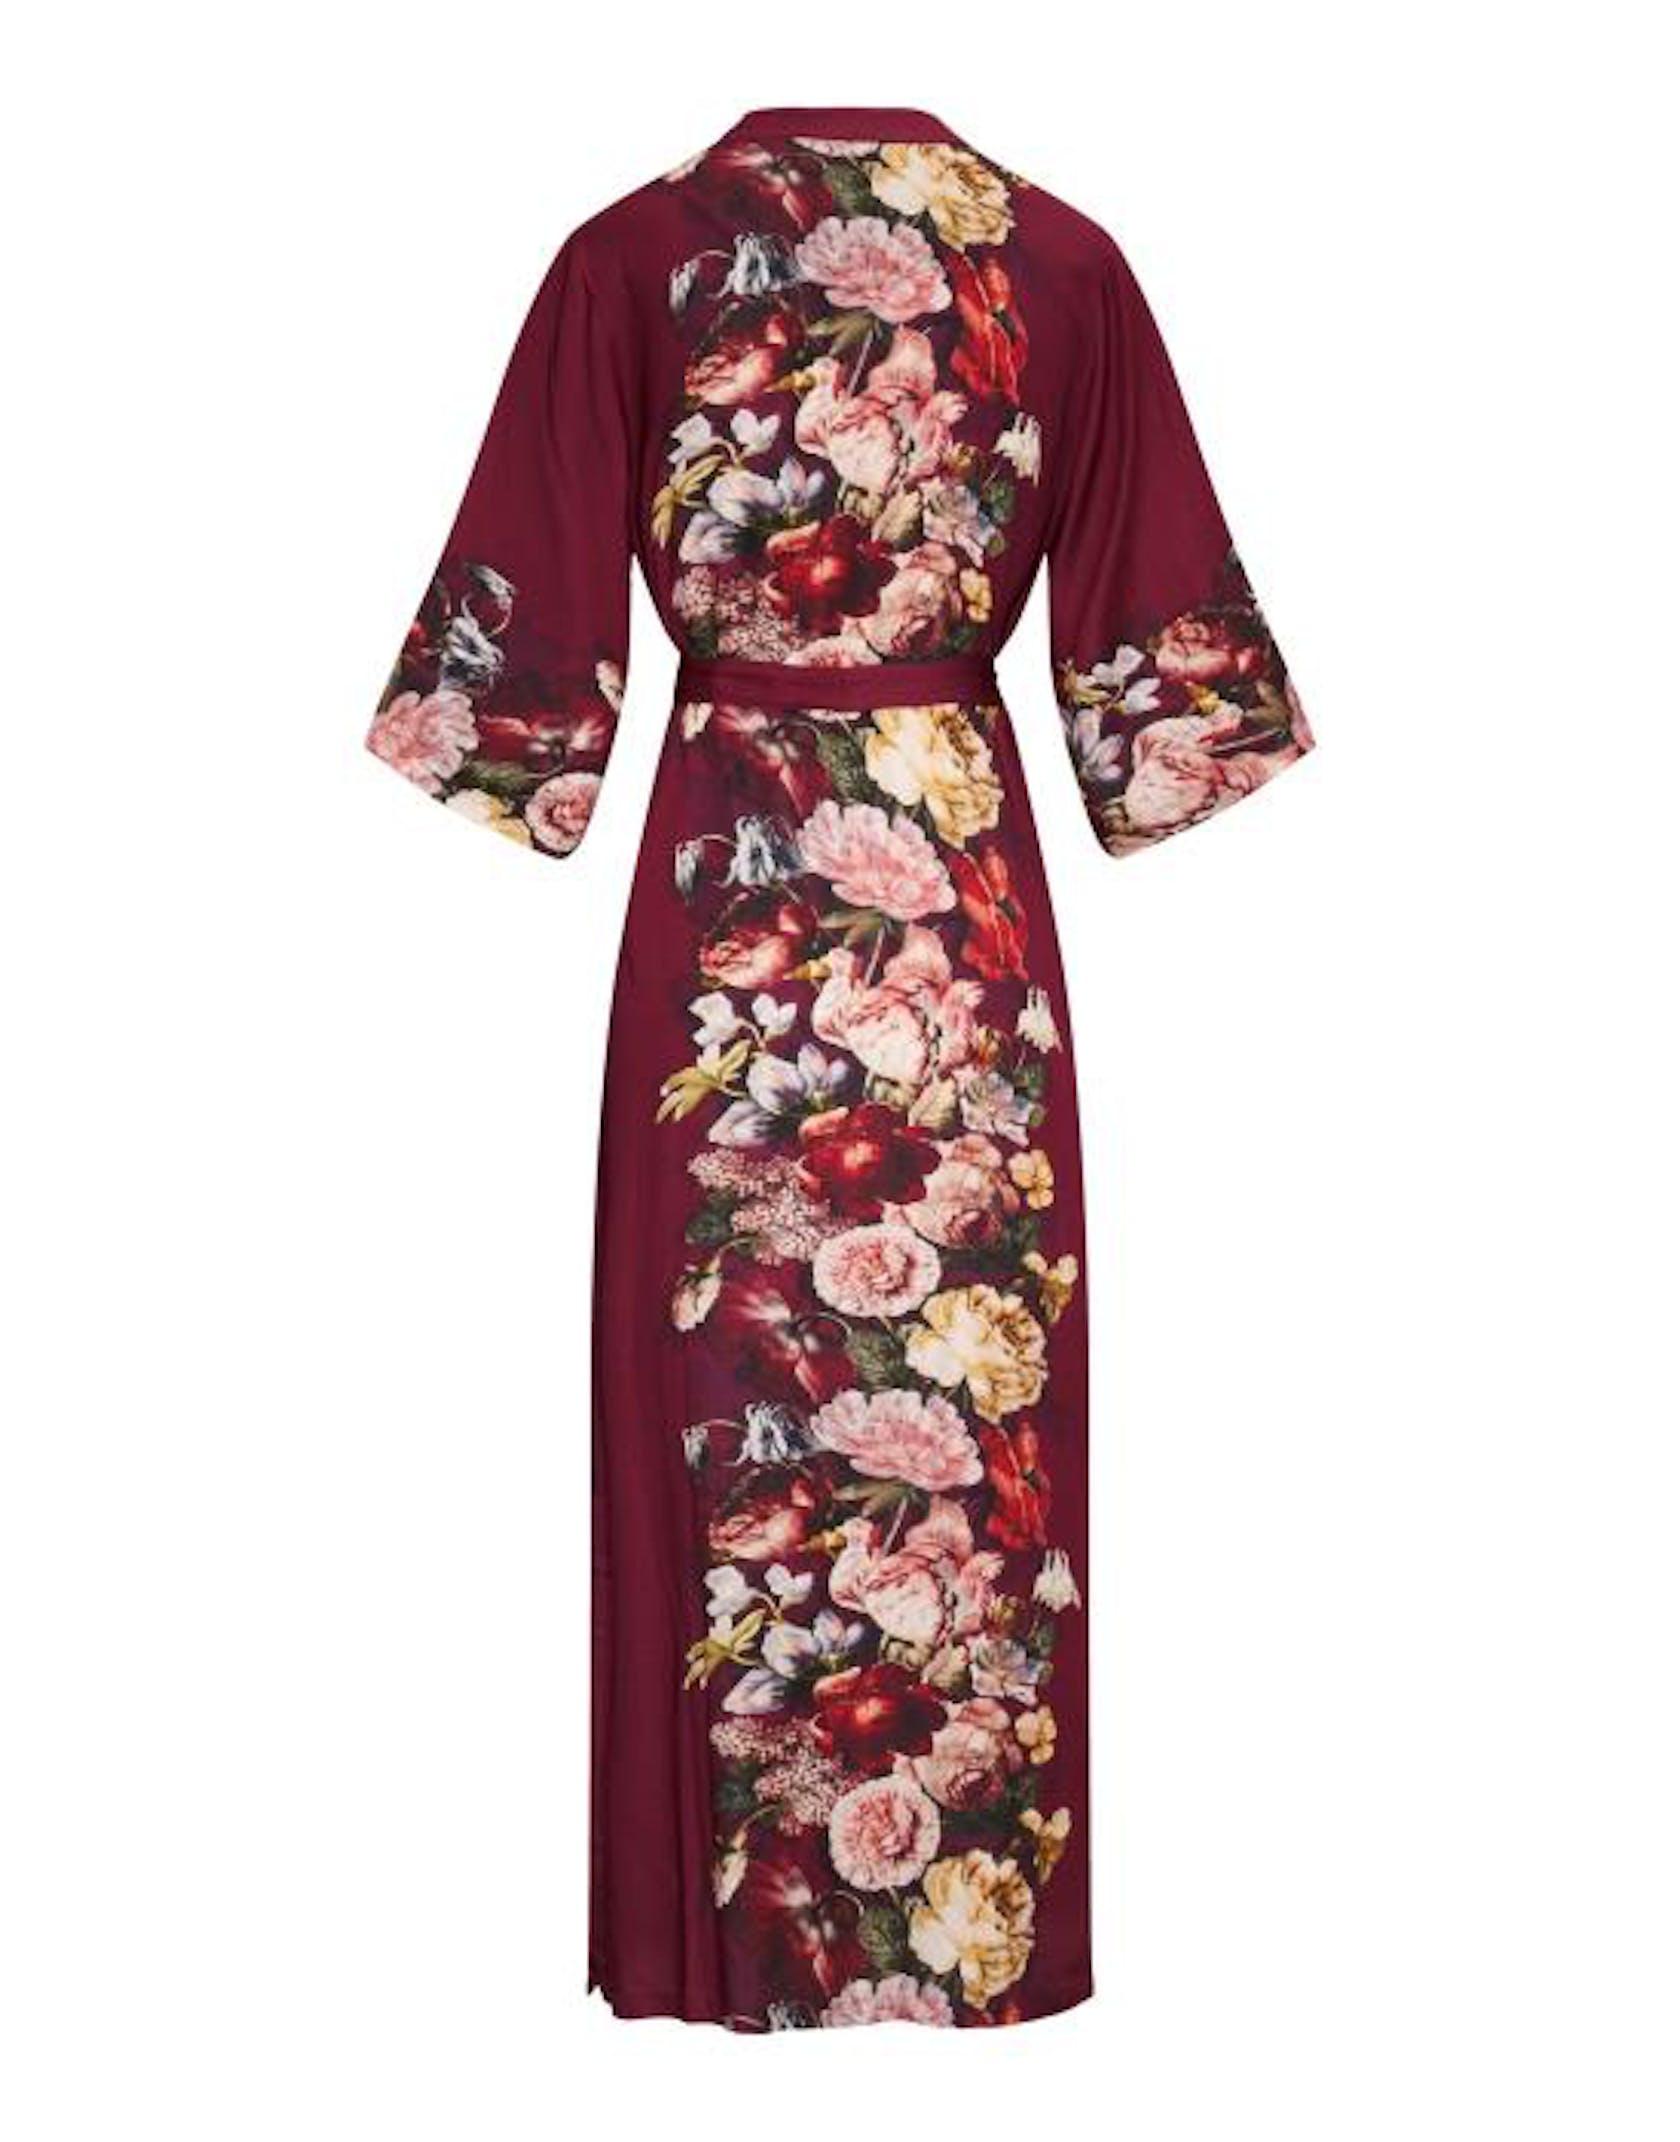 ESSENZA Jula Anneclaire Cherry Kimono